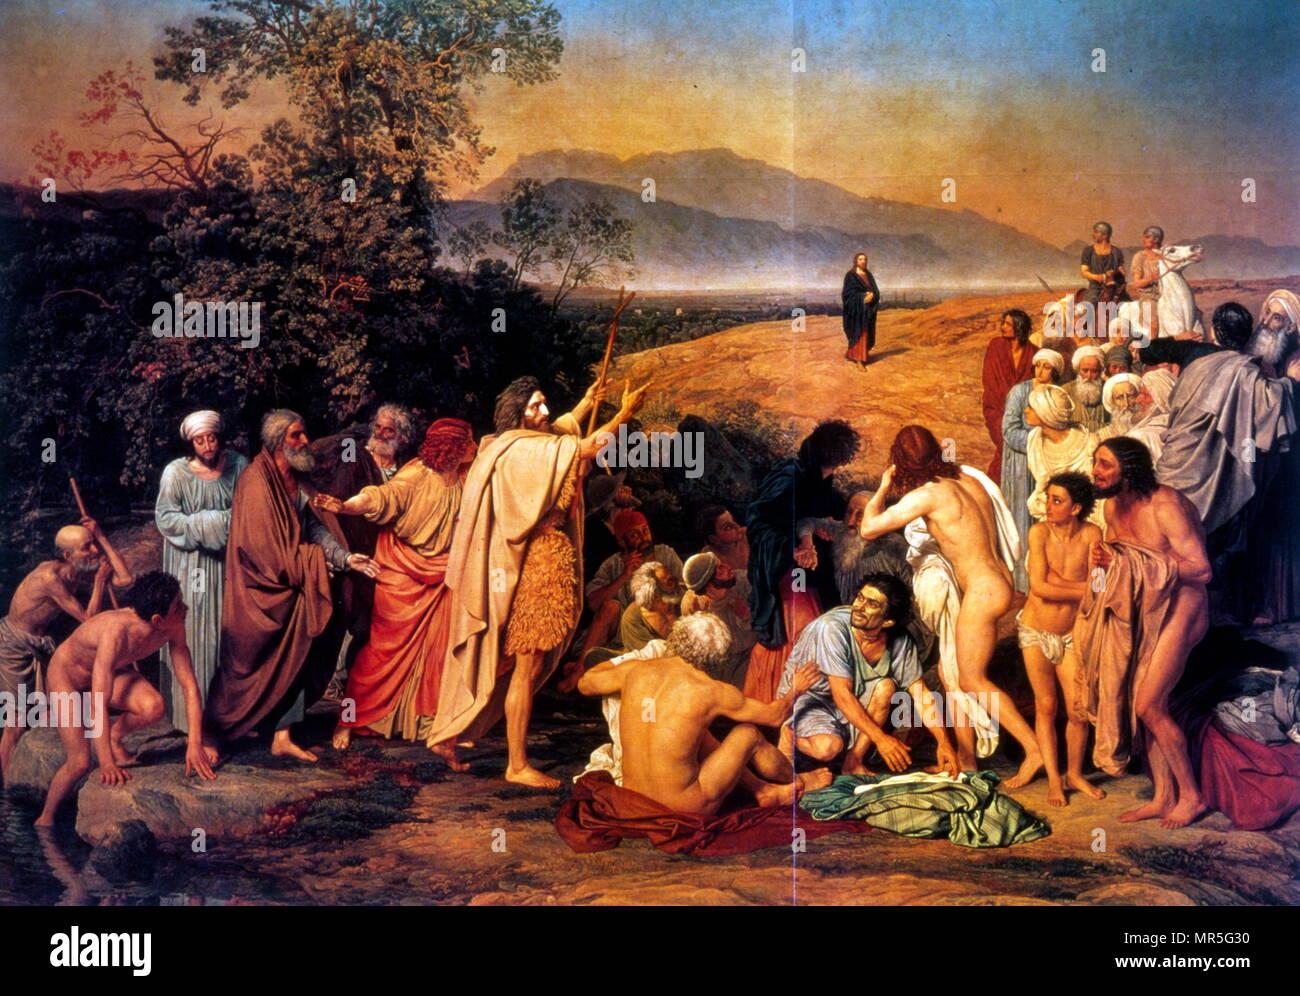 La aparición de Cristo ante el pueblo (la aparición del Mesías), 1857. óleo sobre lienzo, mide 540 cm × 750 cm, por el pintor ruso Alexander Andreyevich Ivanov (1806-1858) tardó 20 años en completarse (1837-1857). La narrativa de la pintura alude a varias historias de la Biblia. En el centro, Juan el Bautista, vestido con una piel de animal, está de pie a orillas del río Jordán. Él apunta hacia una figura en la distancia, acercándose a la escena. A la izquierda se encuentra el joven Juan el Apóstol San Pedro, detrás de él, y más adelante el Apóstol Andrés y Nathaniel. Imagen De Stock